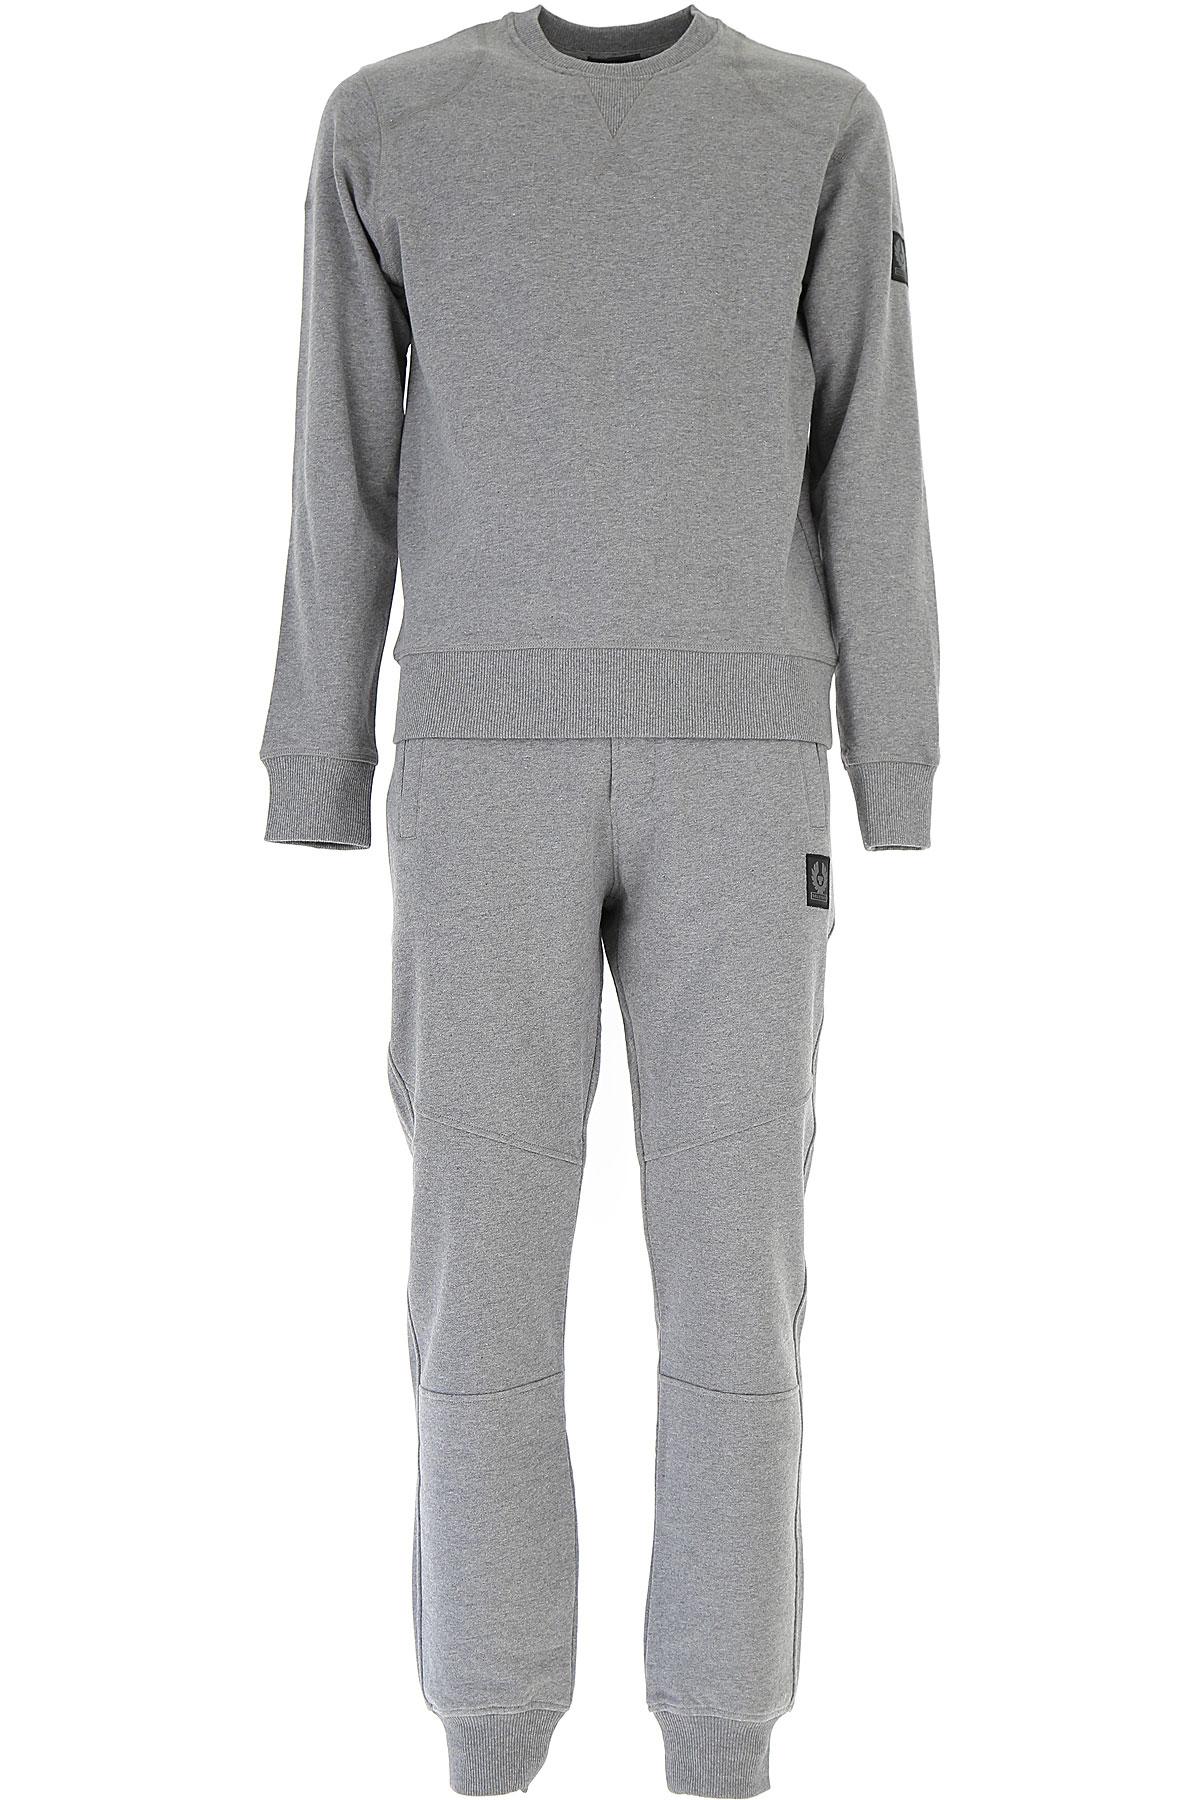 Image of Belstaff Sweatpants, Grey, Cotton, 2017, L M S XL